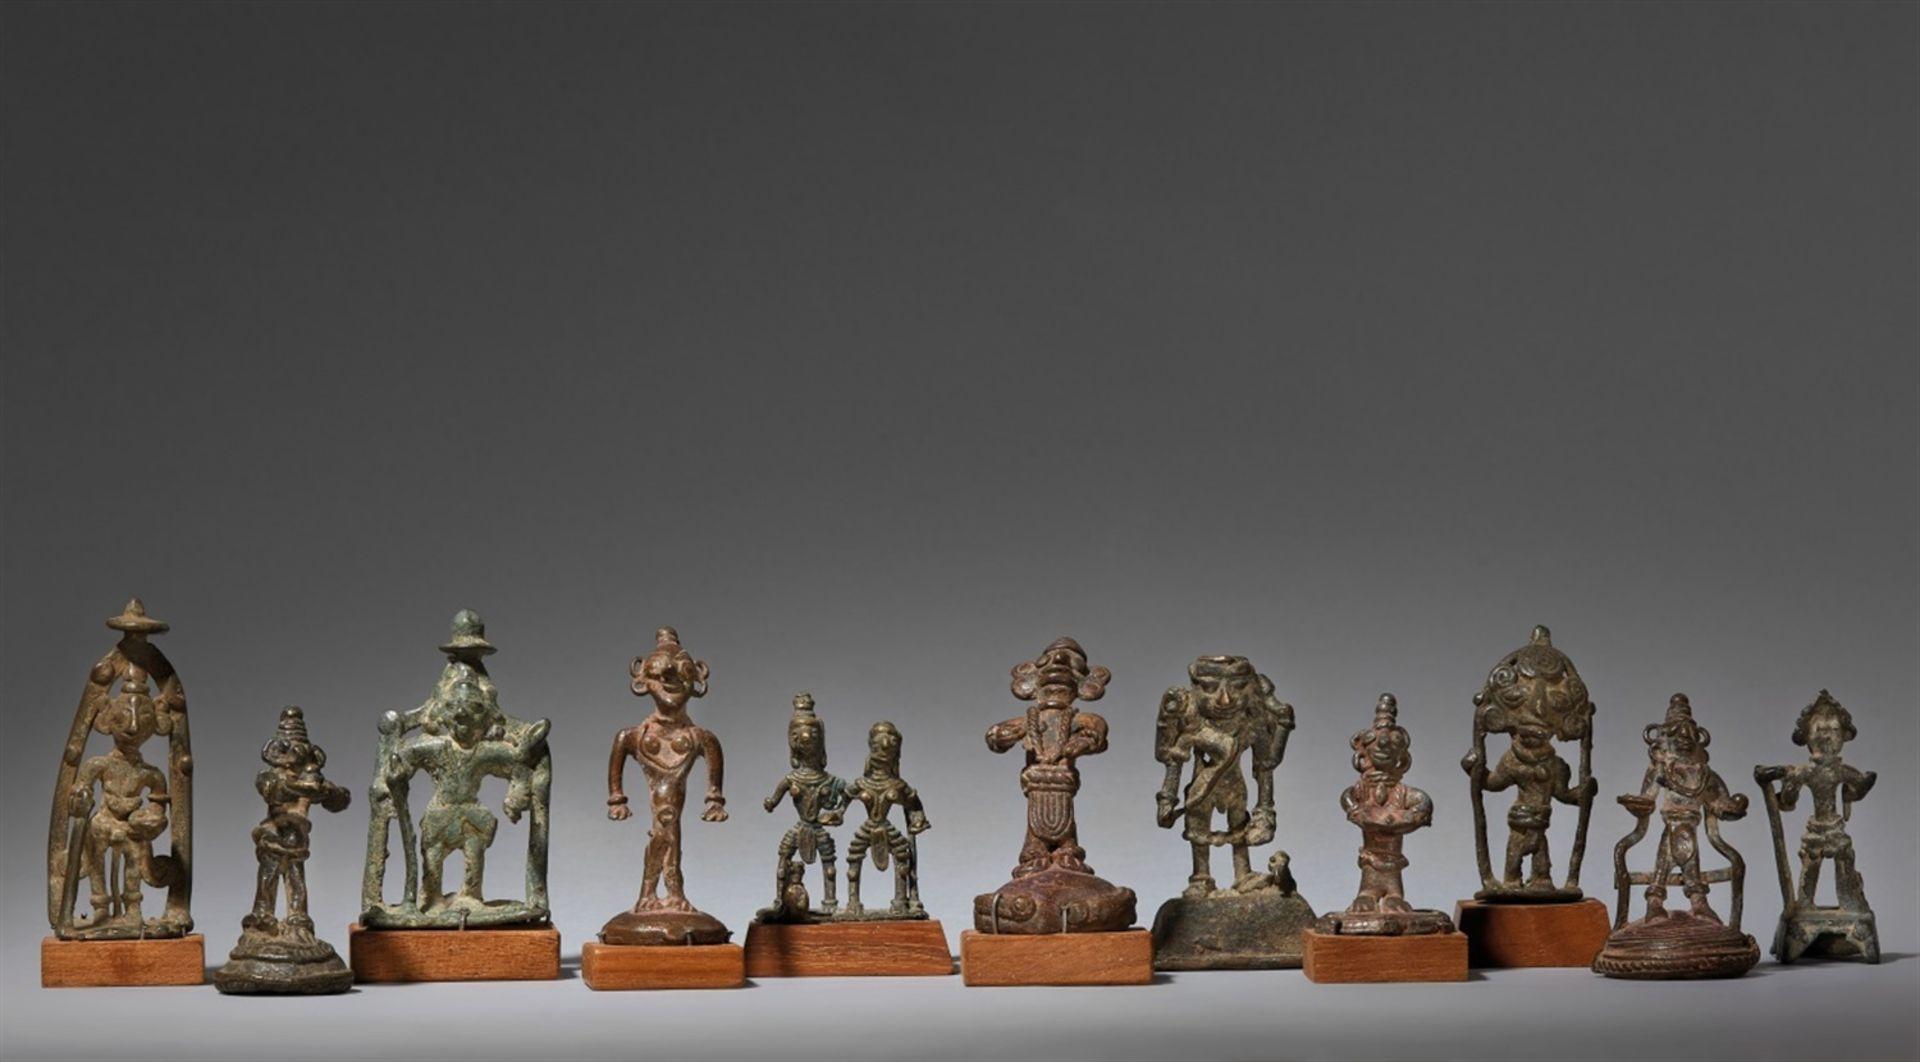 Elf kleine volkstümliche Figuren. Bronze. Zentral-Indien. 19./20. Jh.